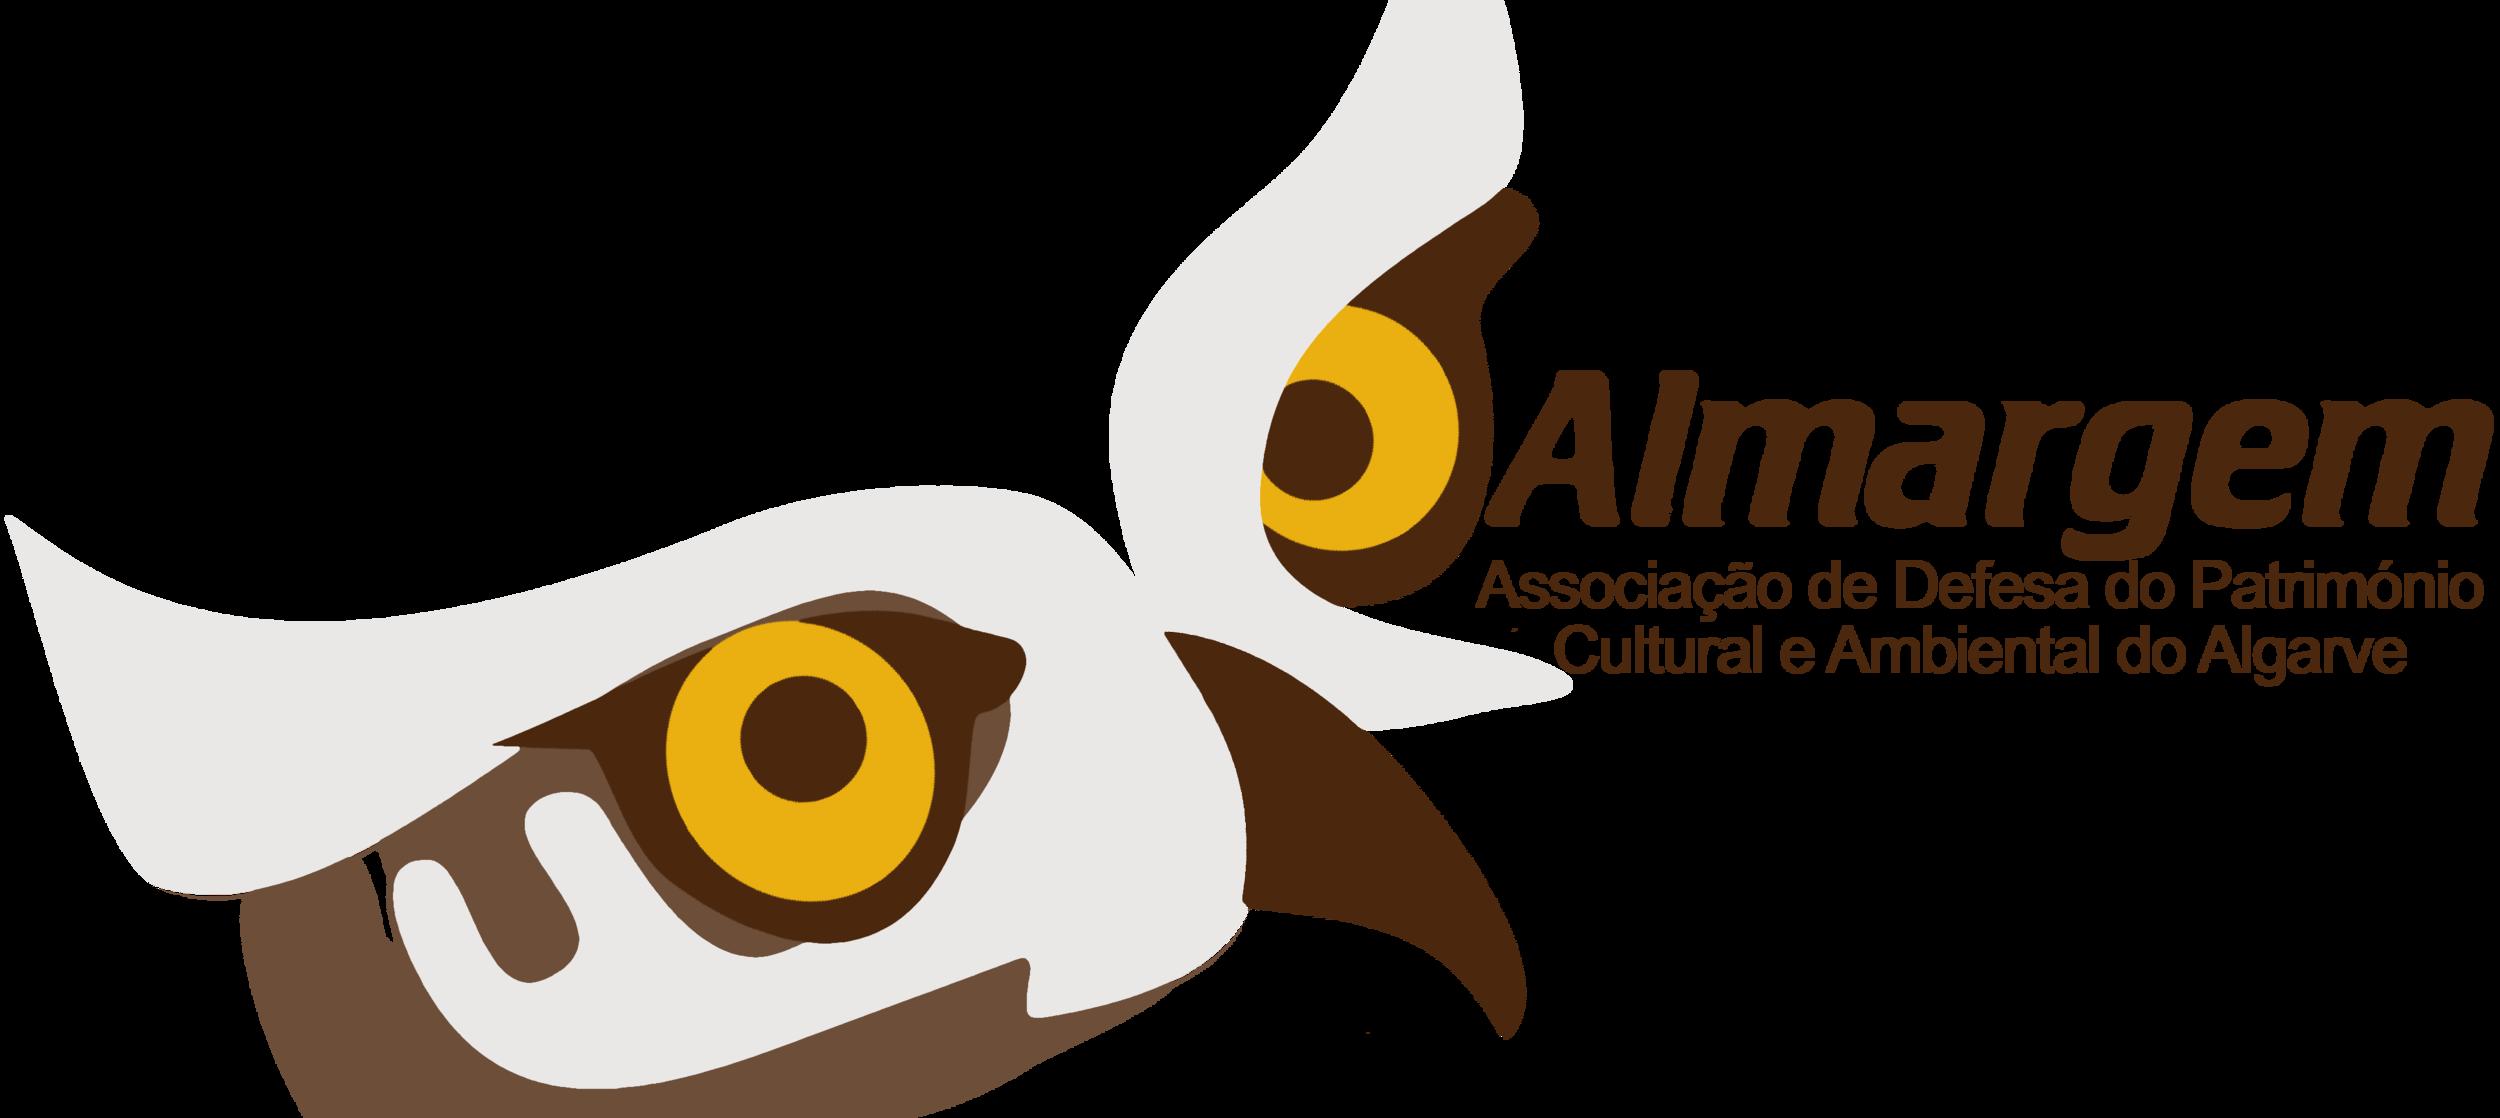 almargem logo2.png